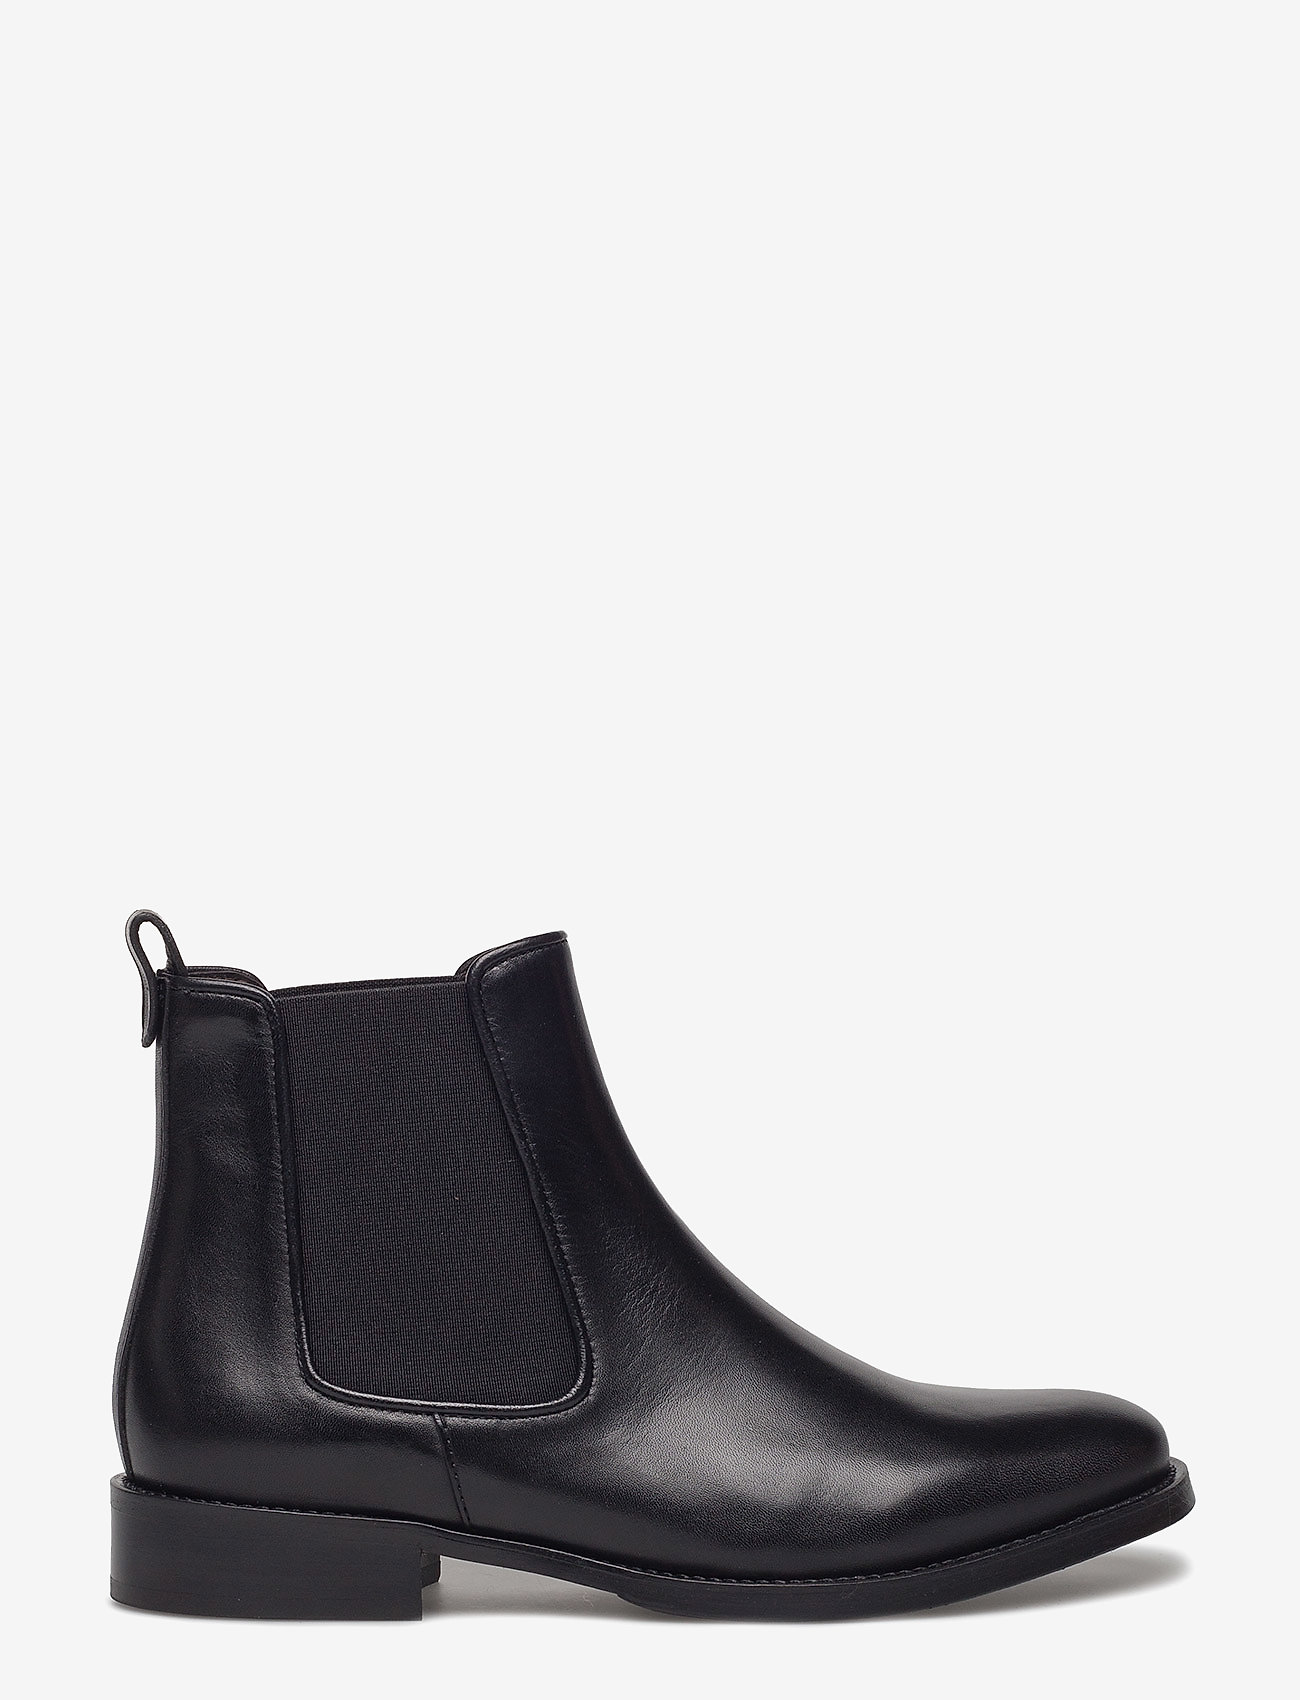 Billi Bi - Boots 7913 - chelsea boots - black calf 80 p - 1